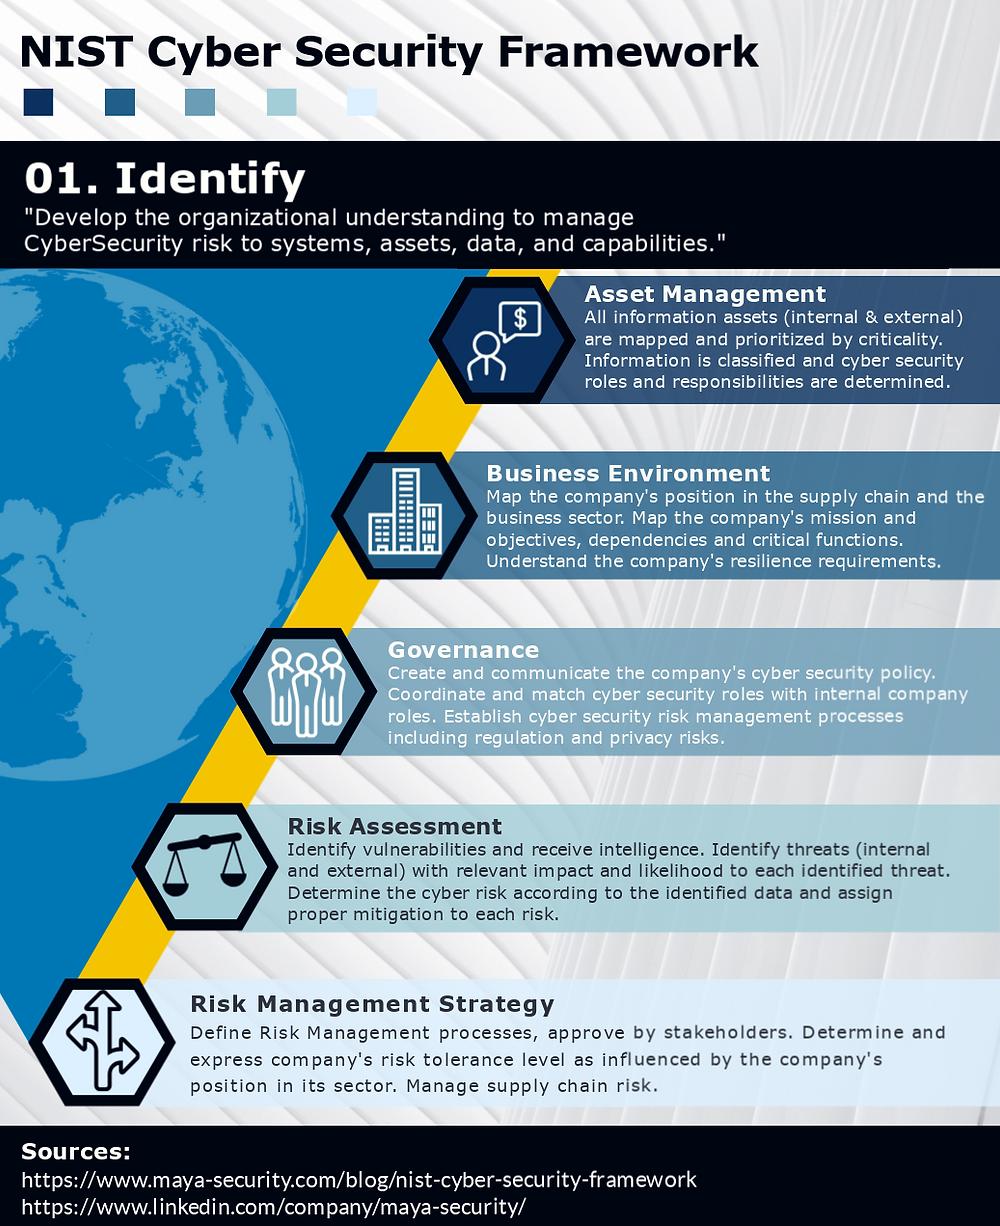 NIST Cyber Security Framework - 1. Identify